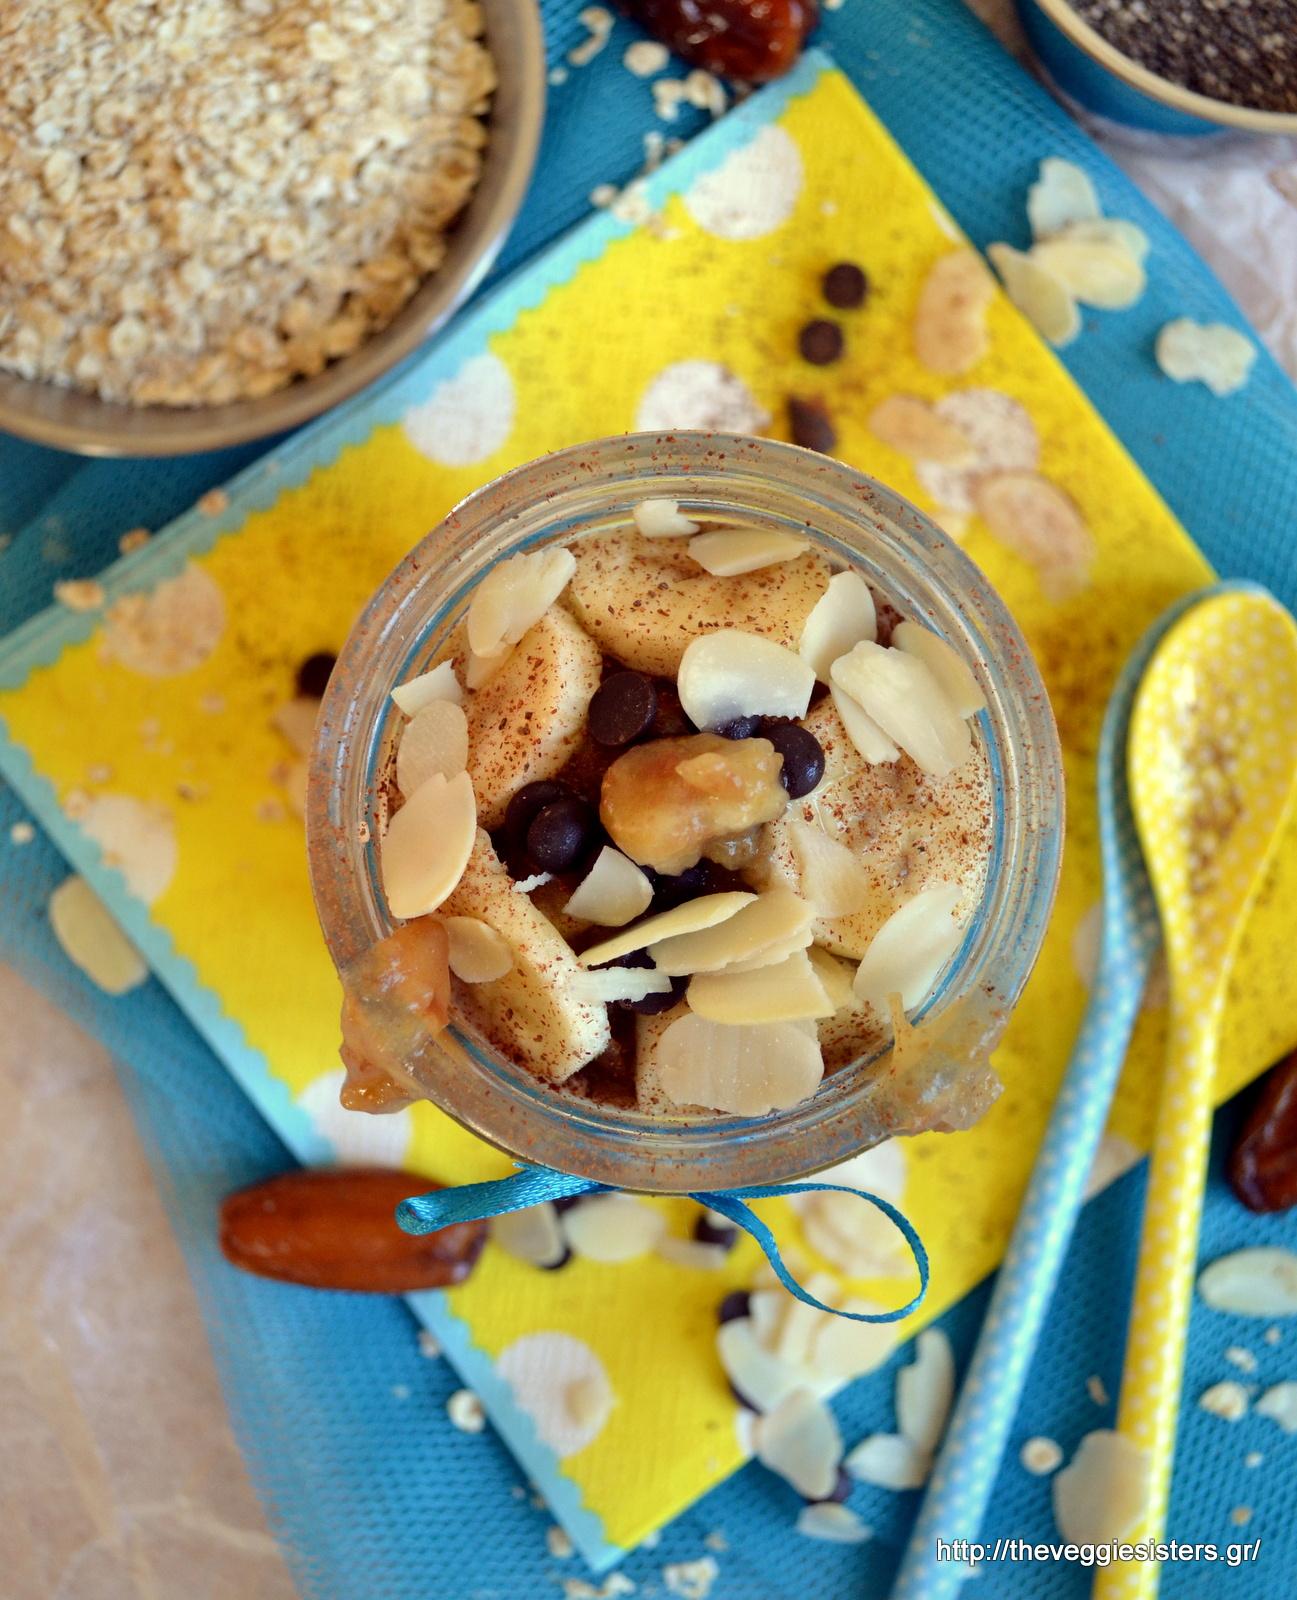 Αποβραδίς φτιαγμένο πρωινό: βρώμη με καλούδια (Overnight oats)